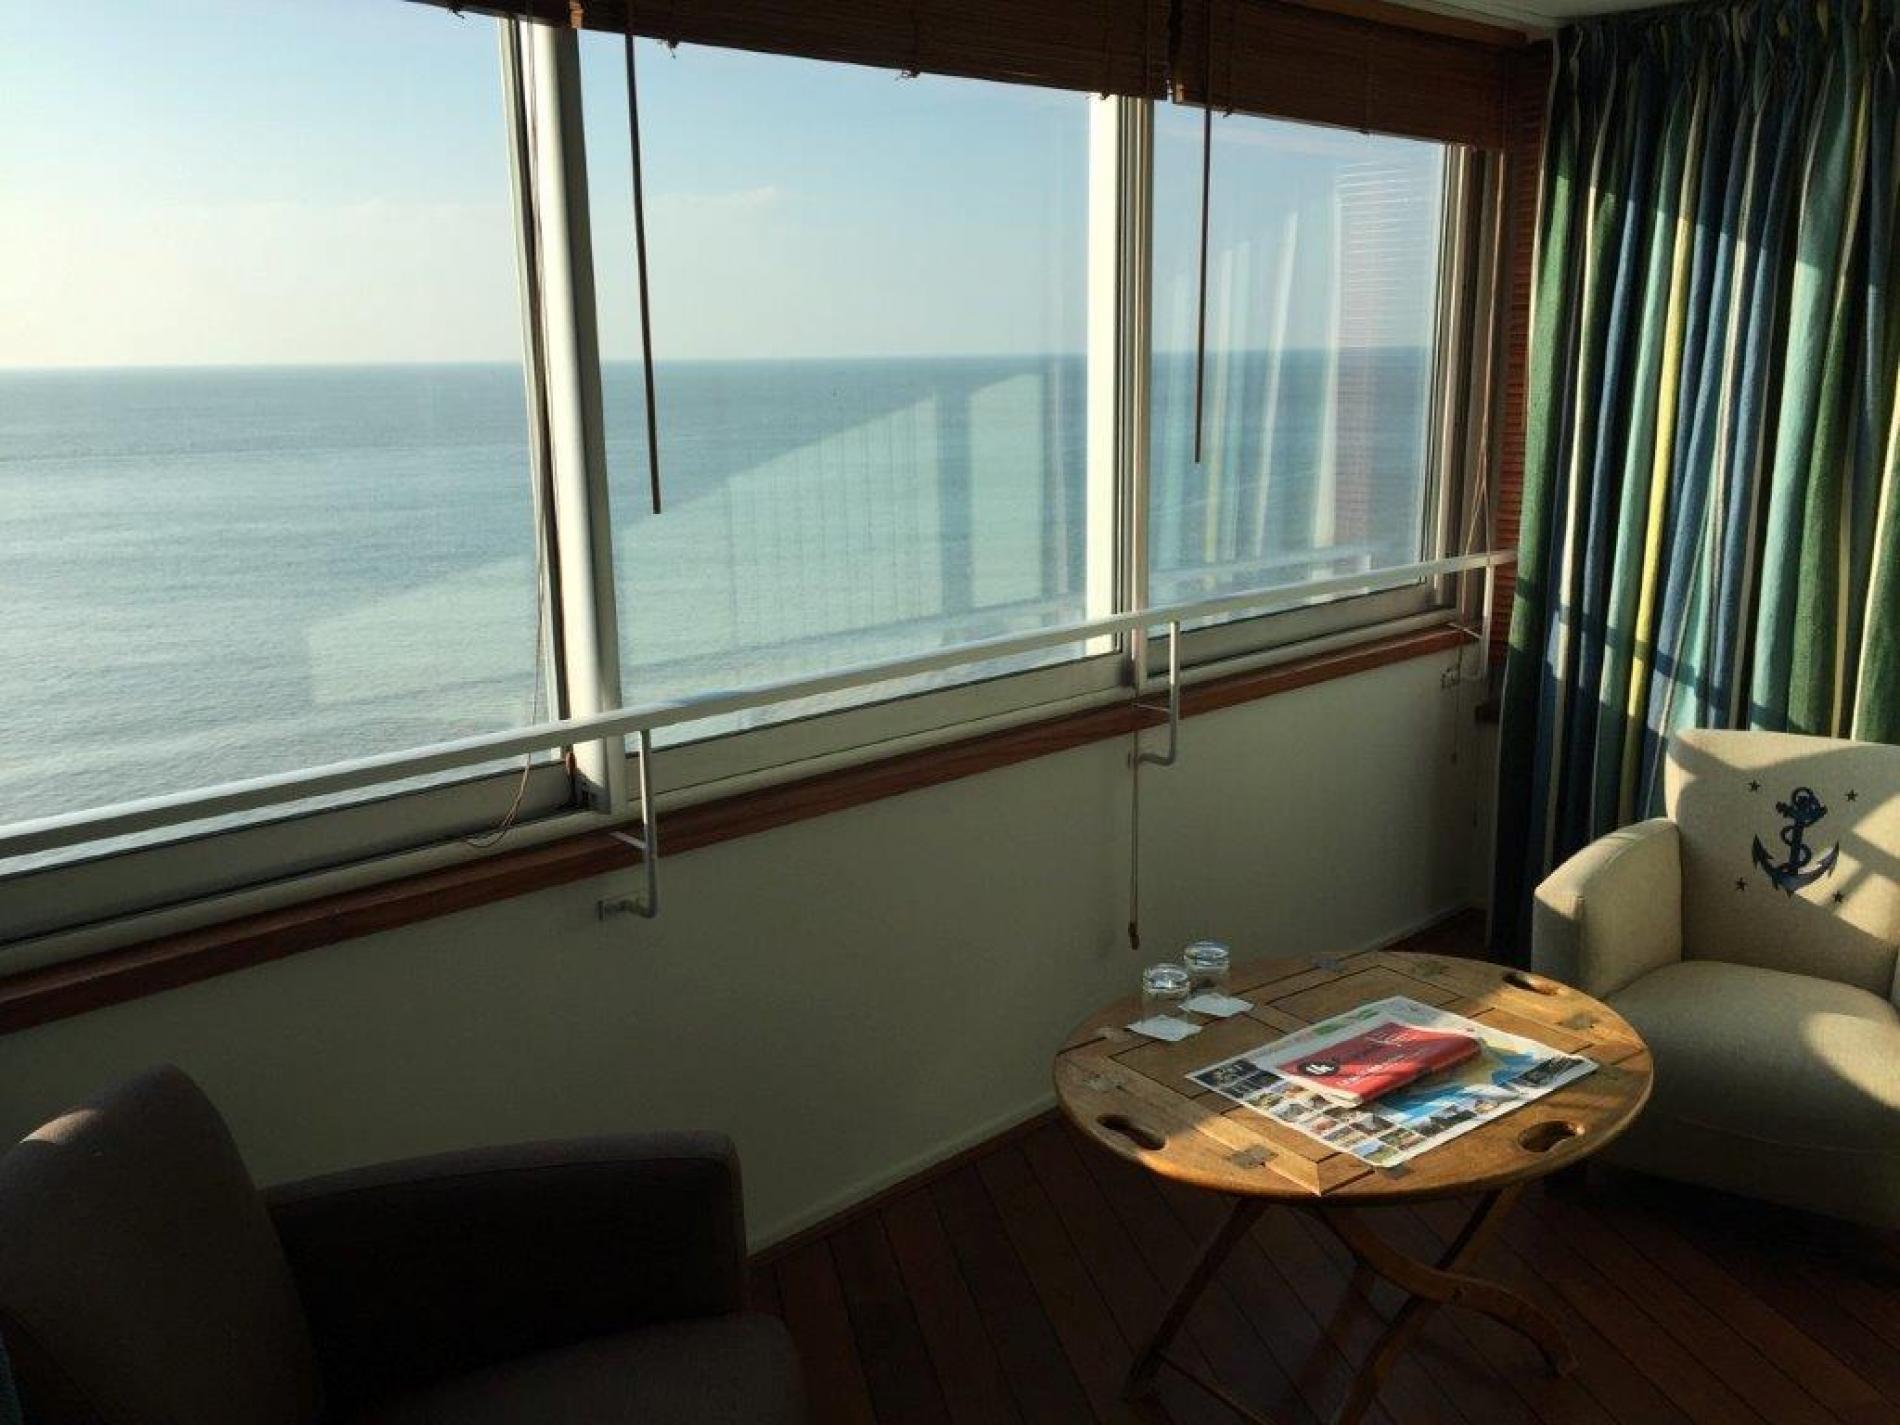 Hotel Le Havre Logis H U00f4tel Les Voiles Sur La Plage Du Havre